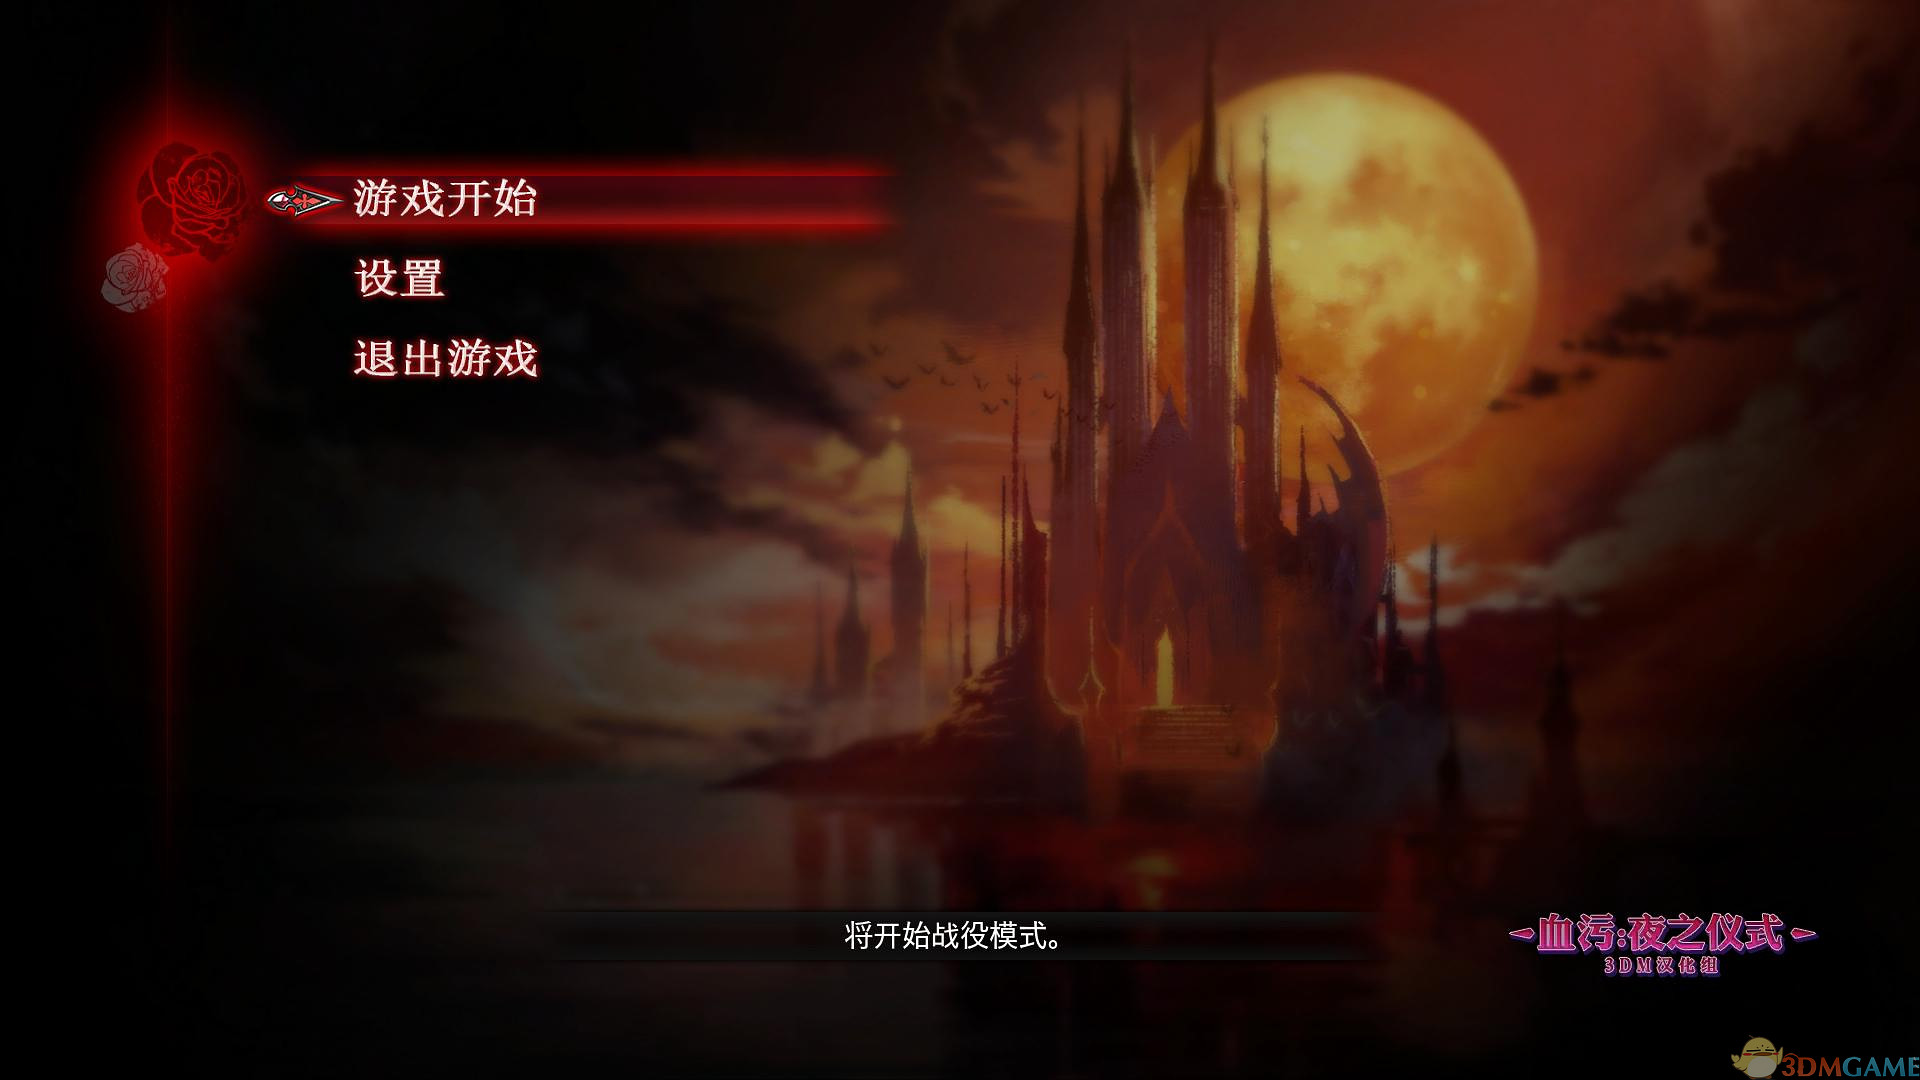 血污:夜之仪式 试玩版 3DM汉化组汉化补丁v2.3